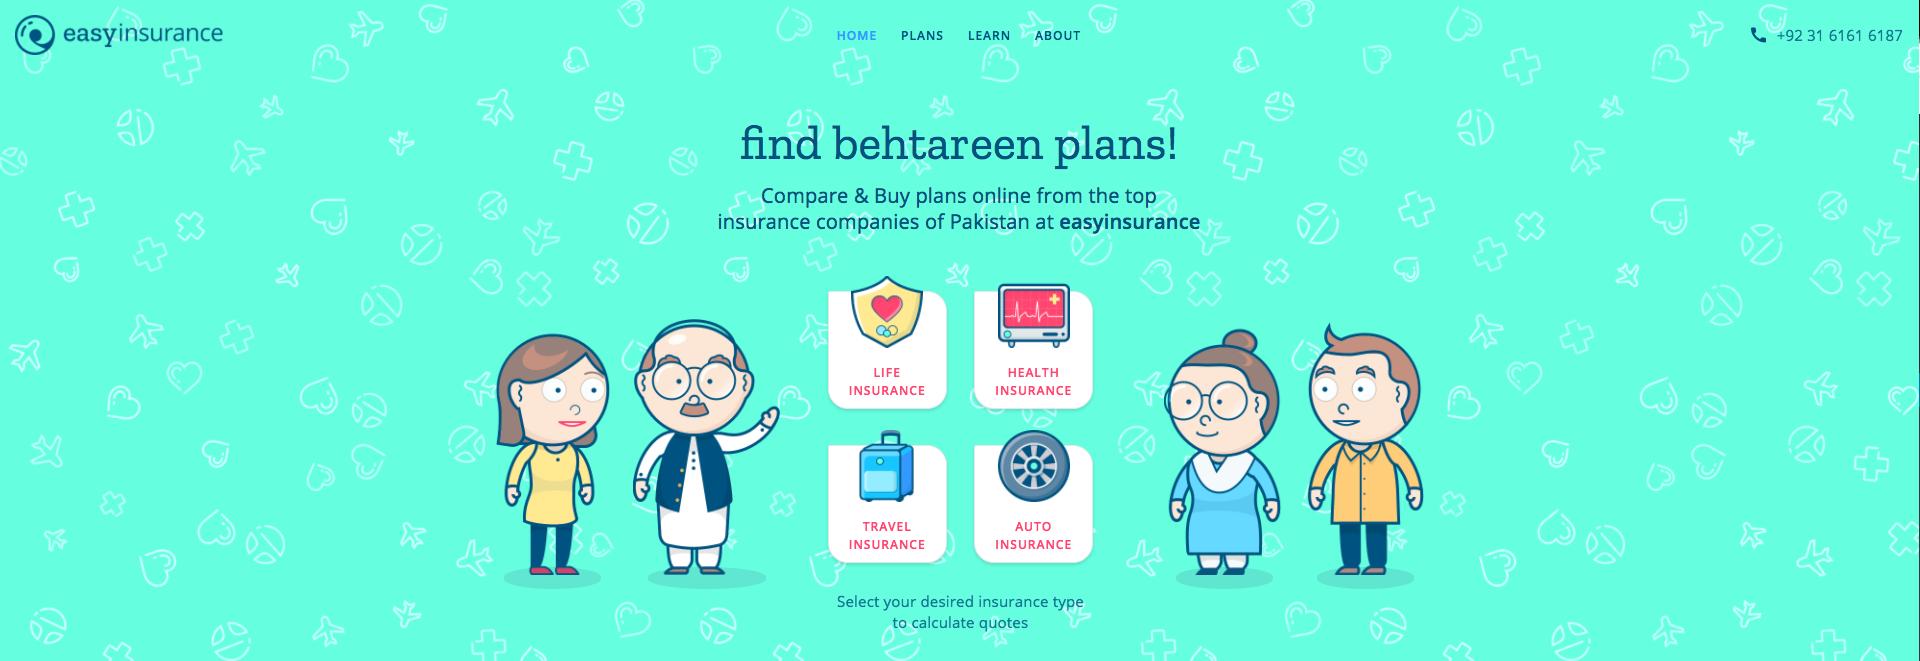 Seeking A Risk Free Pakistan